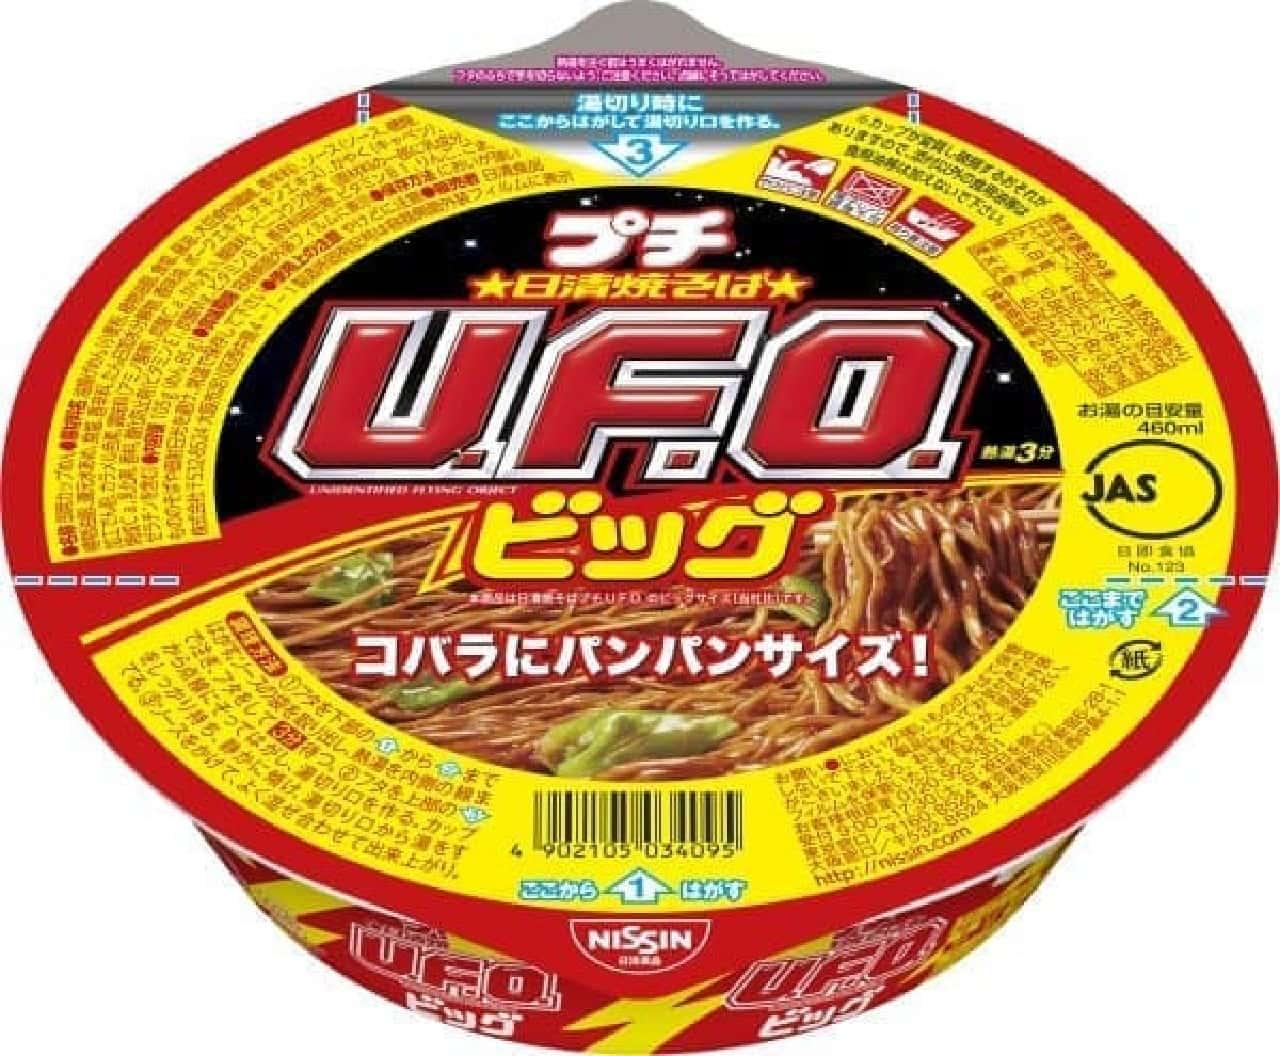 日清食品「日清焼そば プチU.F.O. ビッグ」